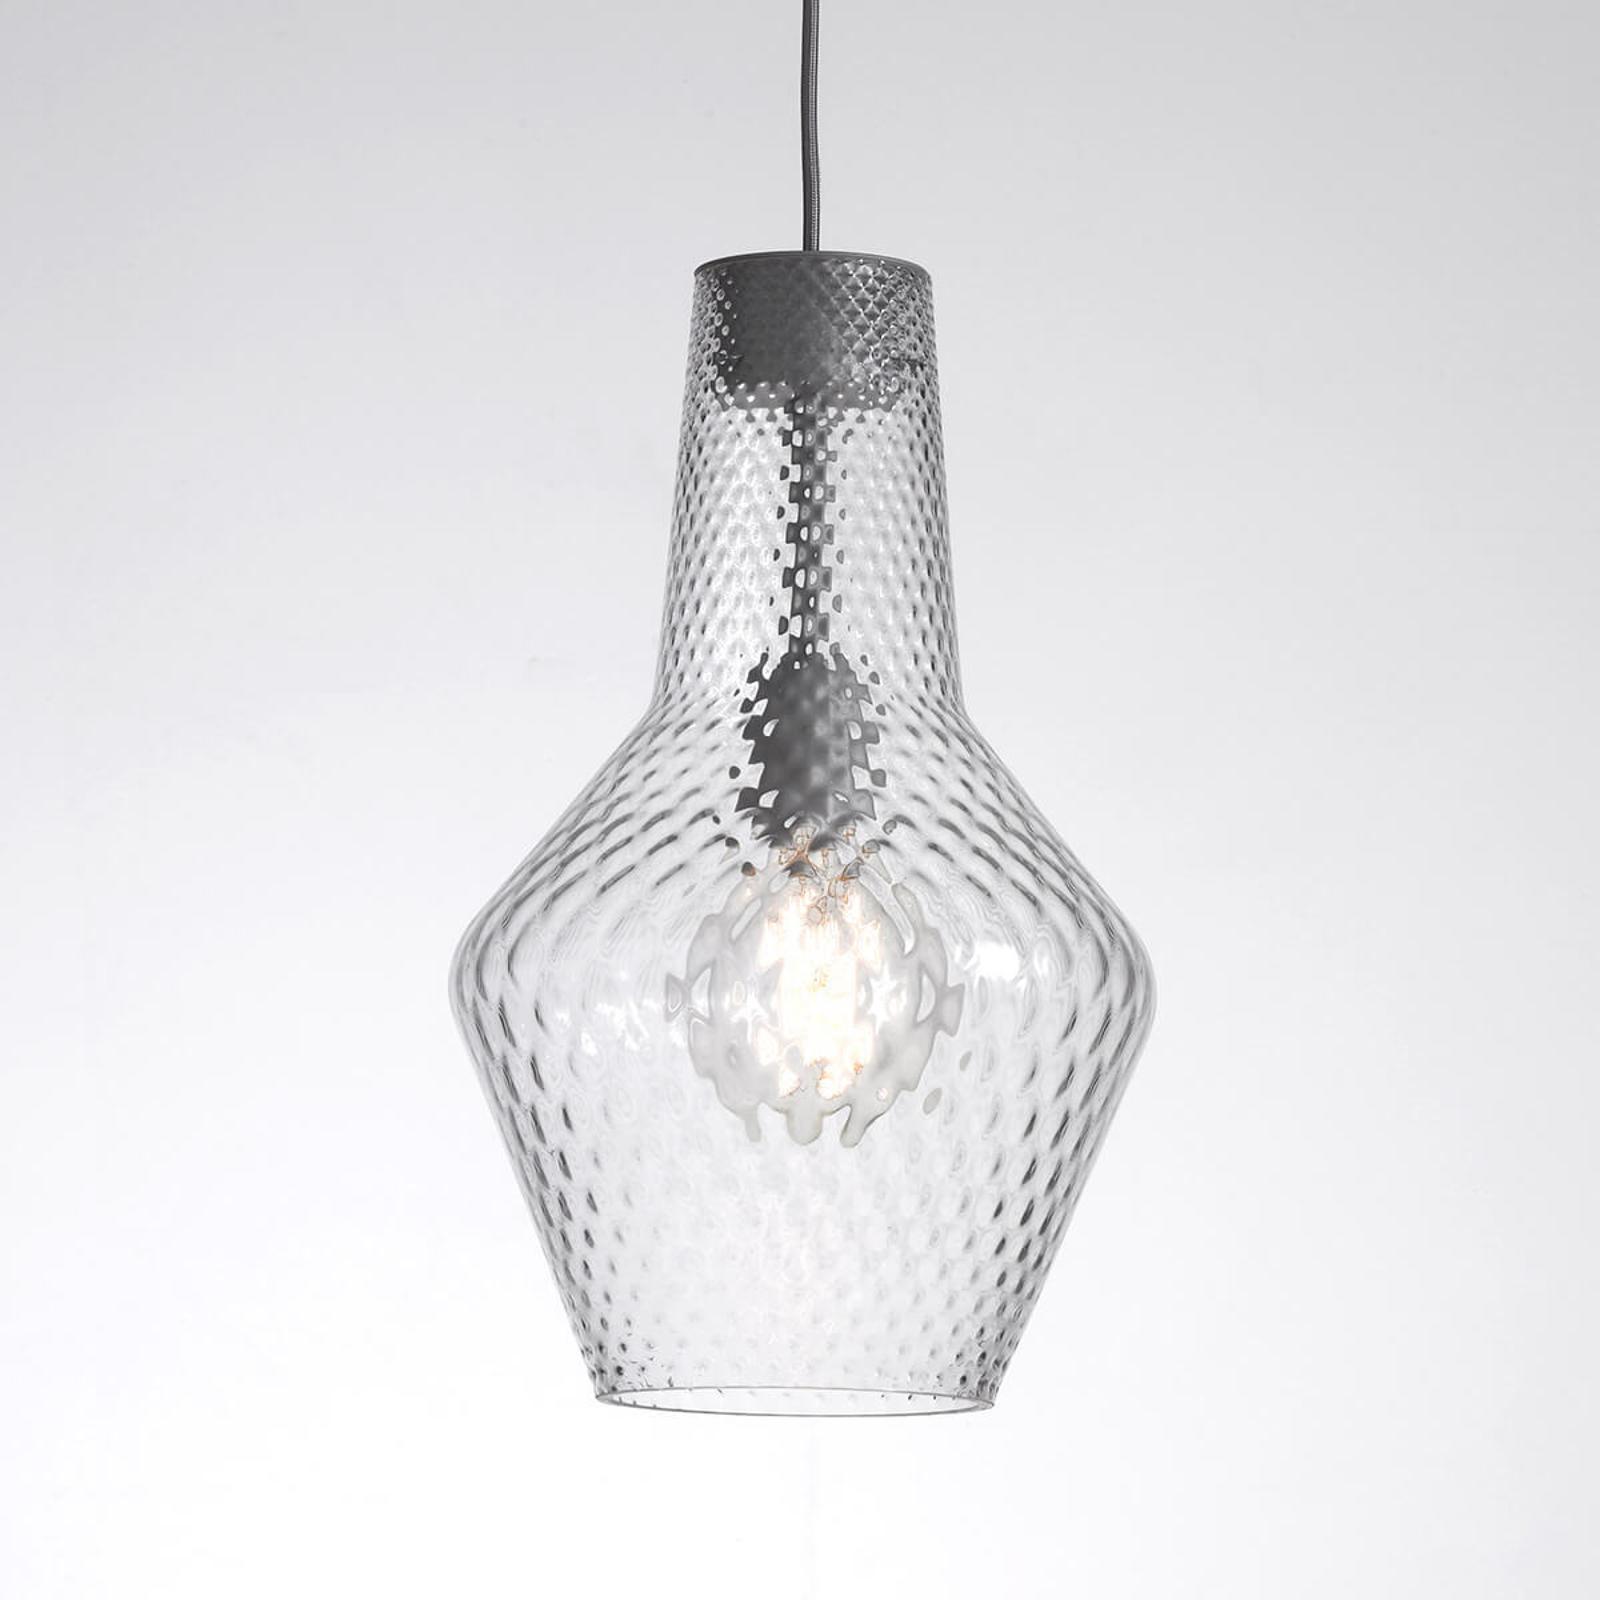 Lampa wisząca Romeo 130 cm, szkło przezroczyste